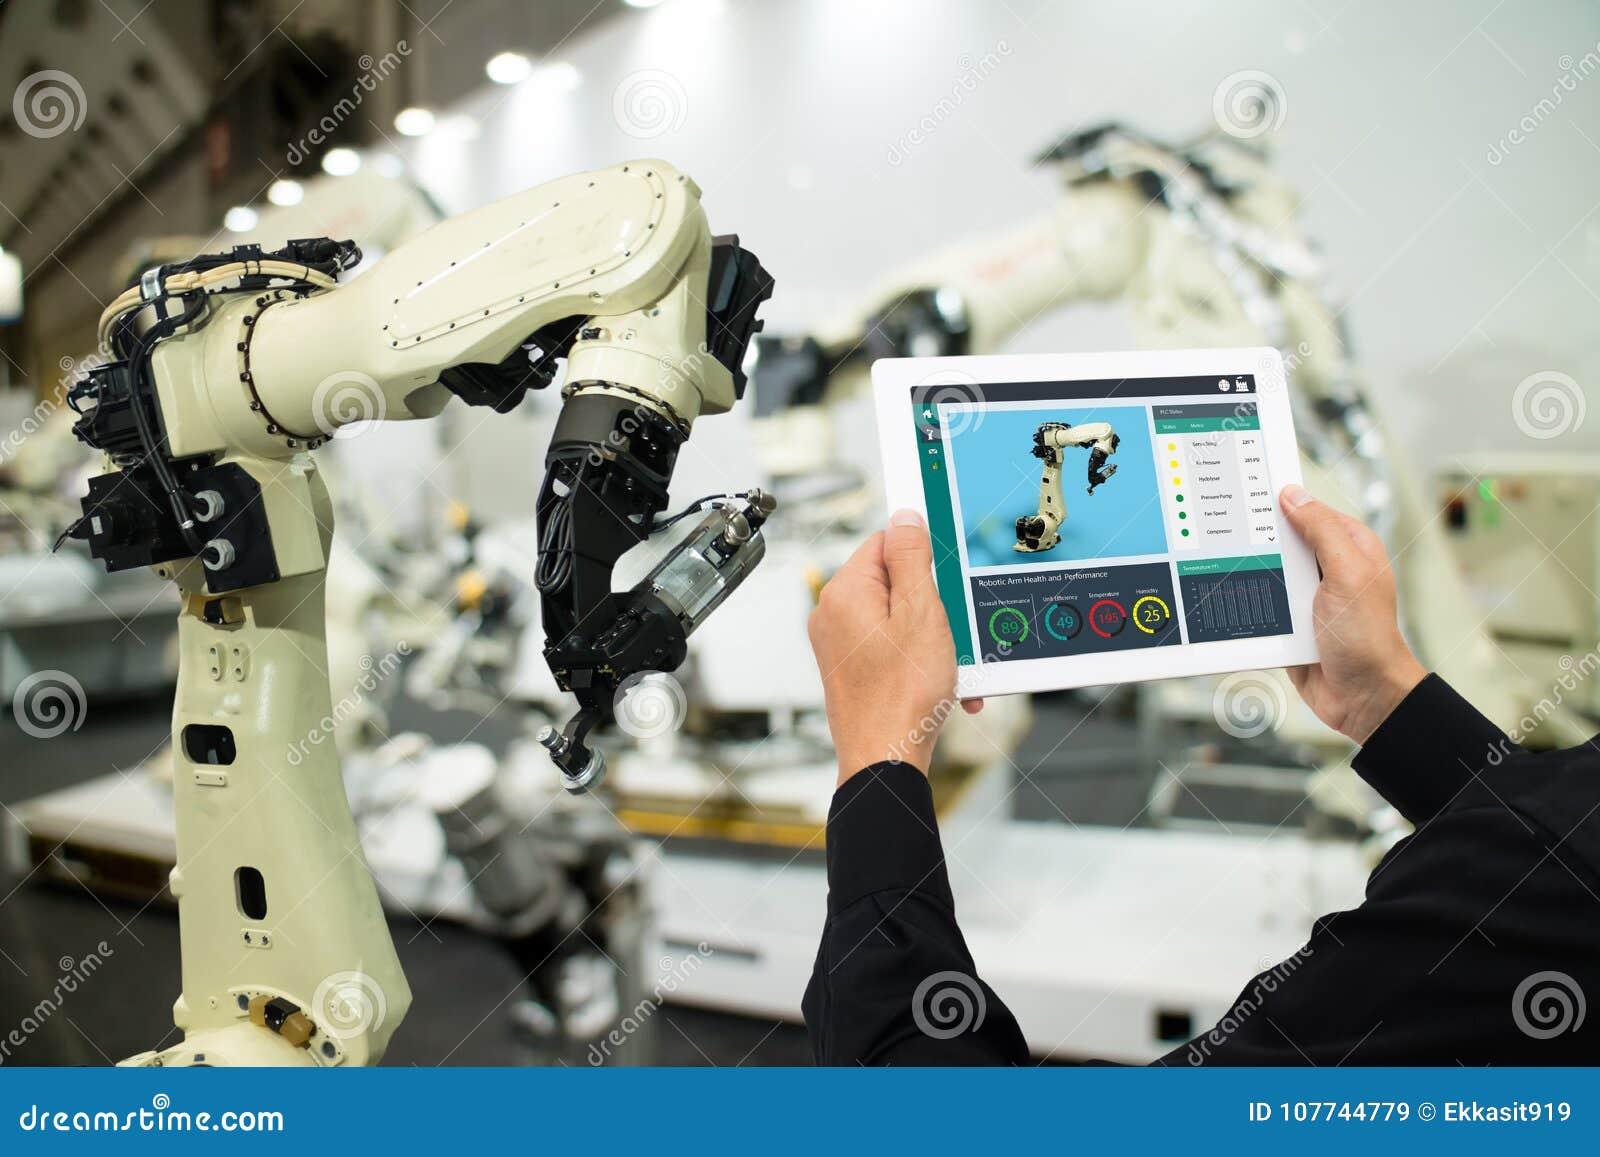 Iot-Industrie 4 0 Konzept, Wirtschaftsingenieur, der die Software vergrößert, virtuelle Realität in der Tablette zur Überwachung